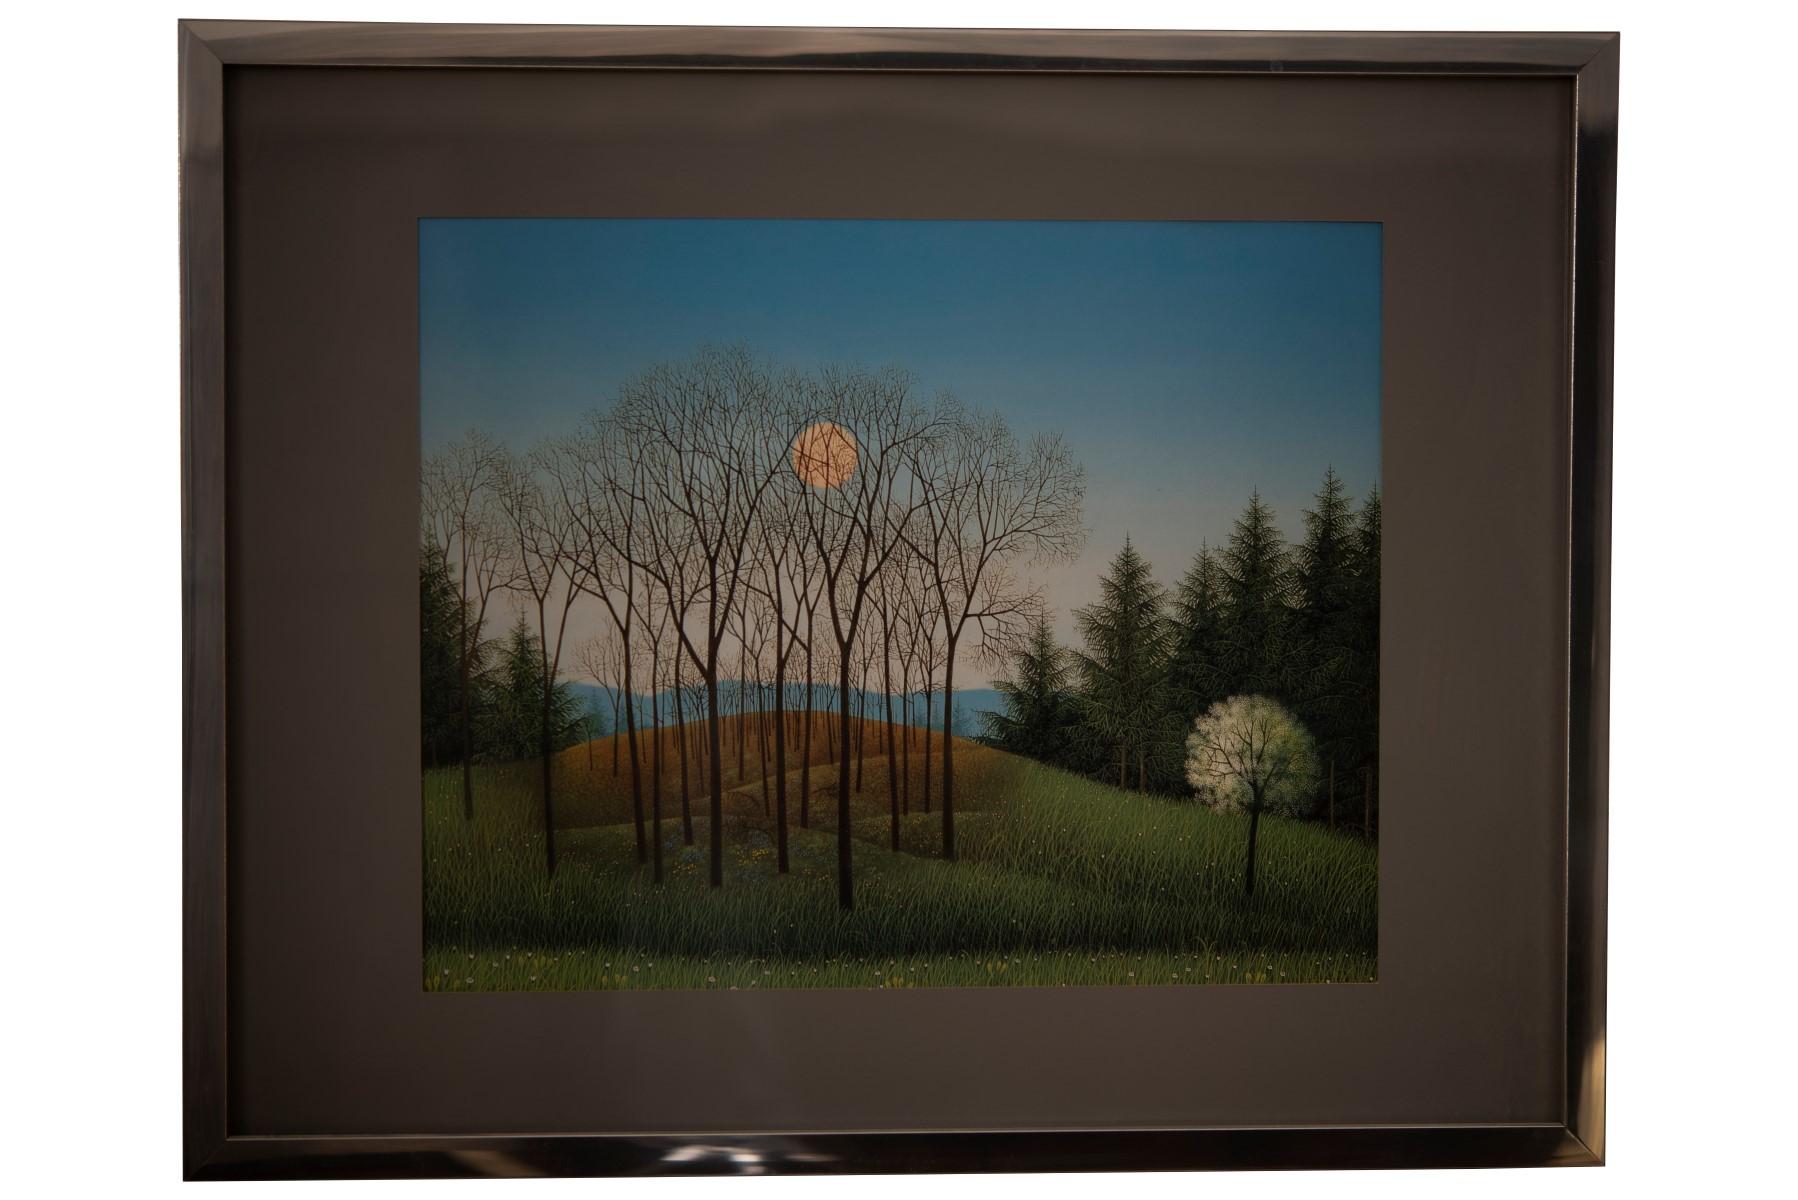 #120 Josef Bramer* (1948), Trees with Meadow and Sun | Josef Bramer* (1948), Bäume mit Wiese und Sonne Image